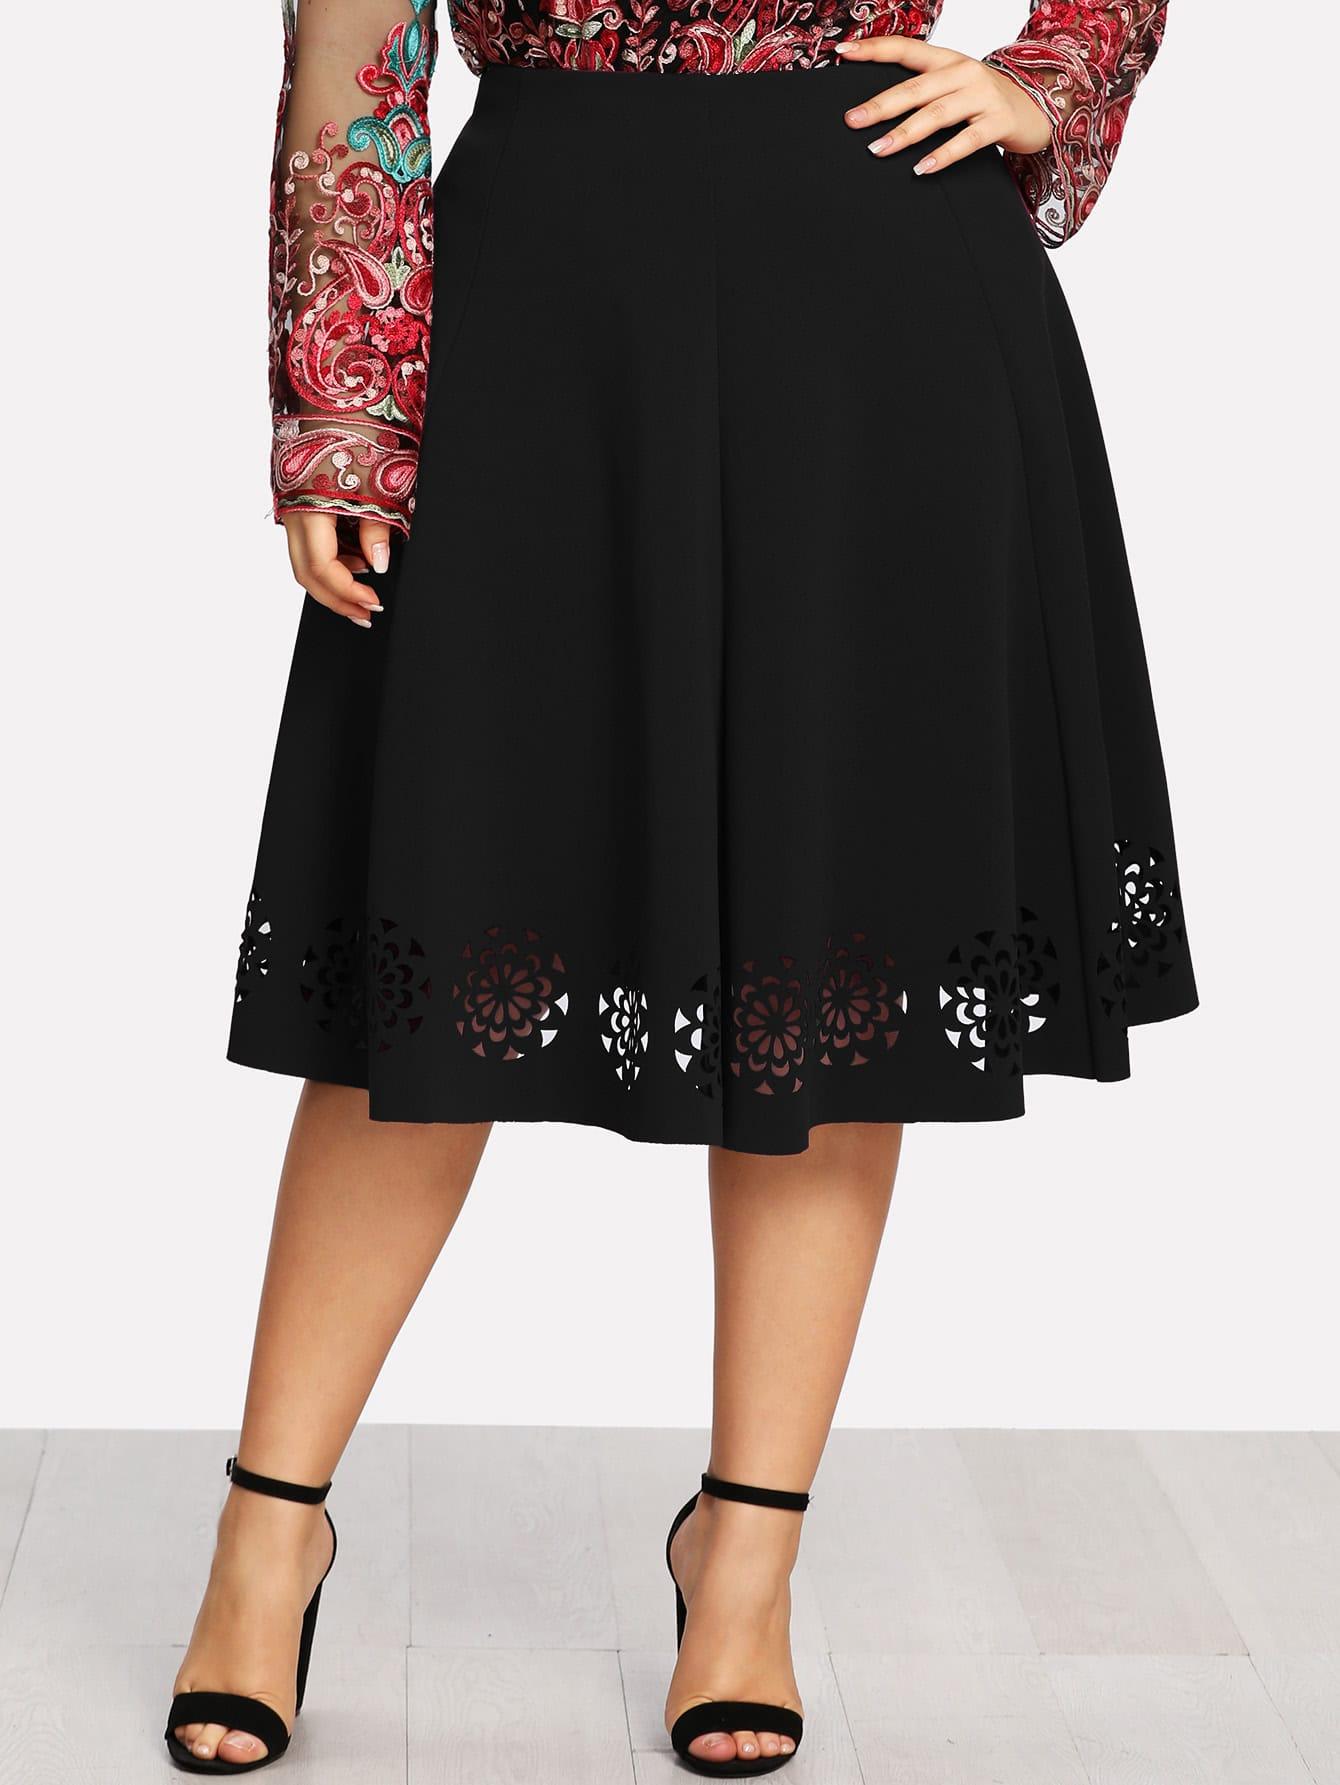 Купить Модная юбка с узором, Franziska, SheIn